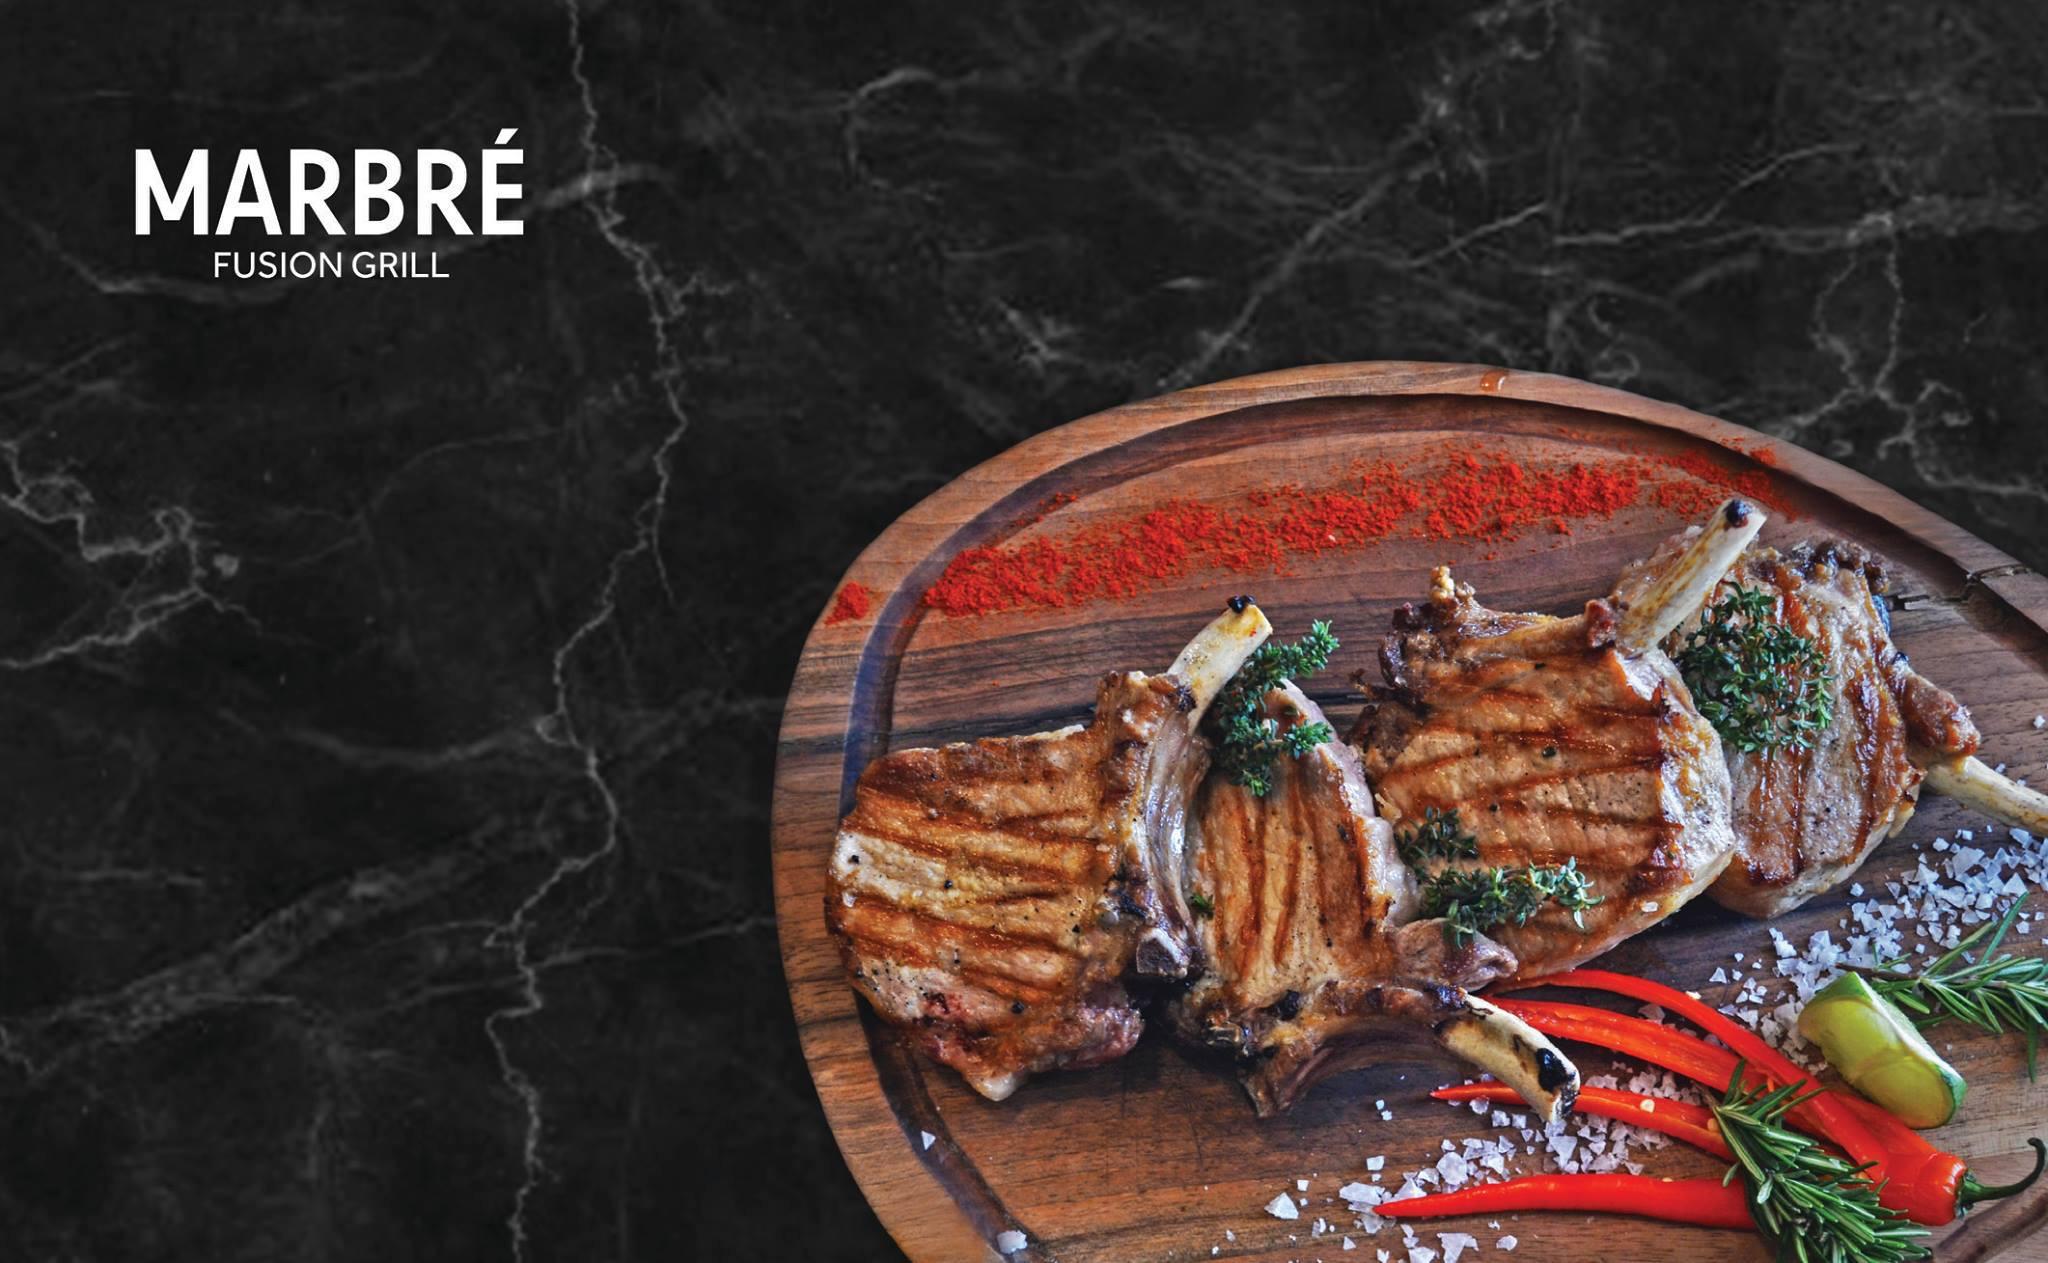 Πάμε για ένα ρεσιτάλ γαστρονομίας στο Μarbre Fusion Grill